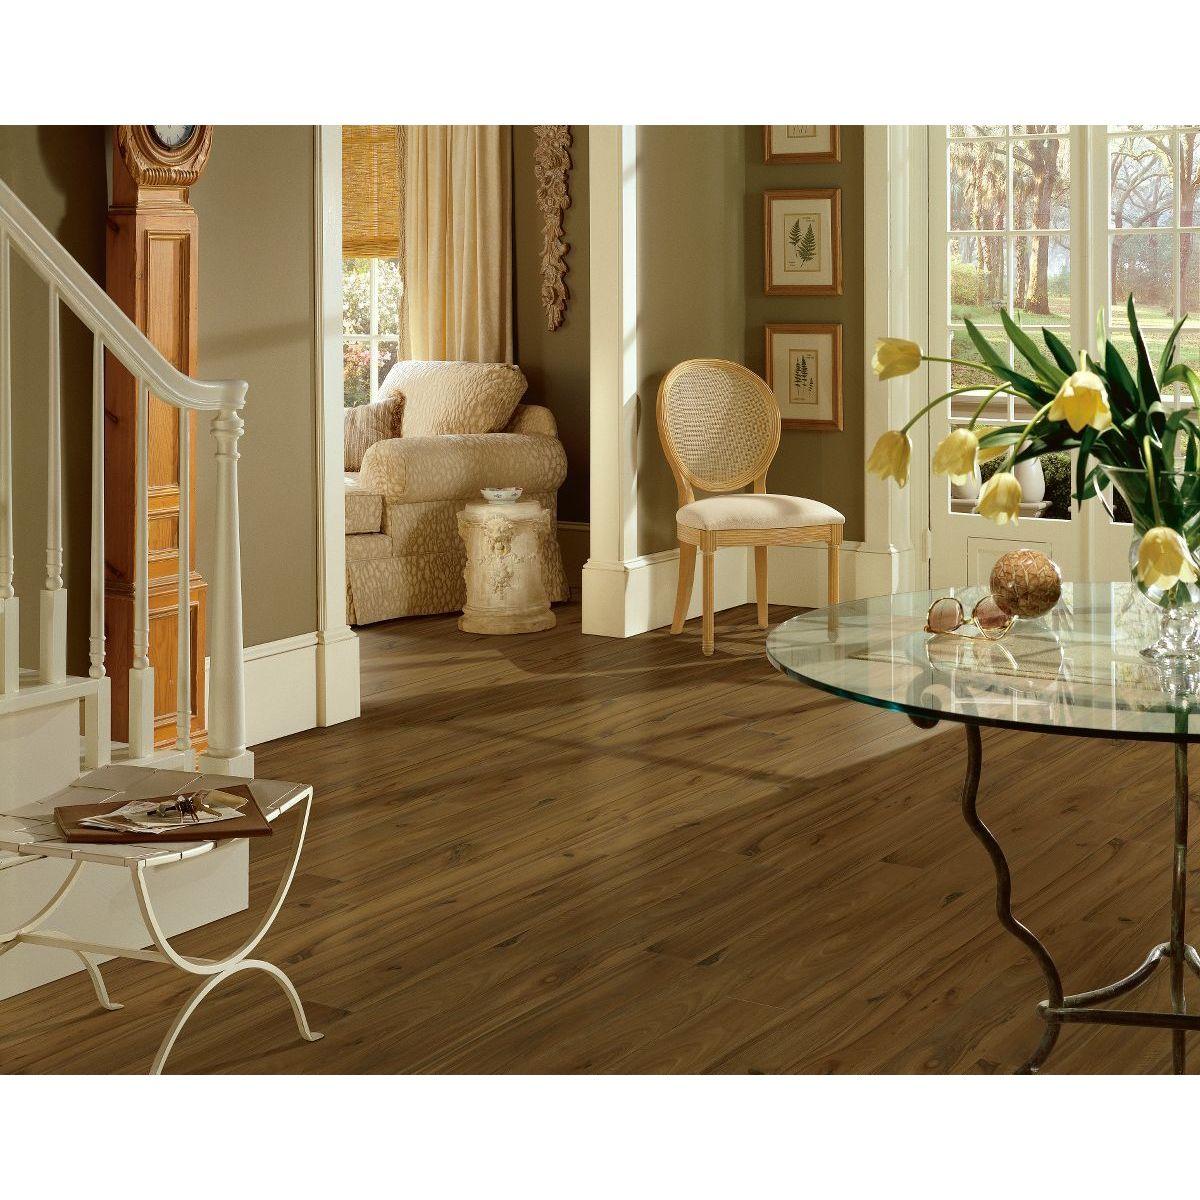 Armstrong Premium Lustre Laminate 13.05 Square Feet per C...